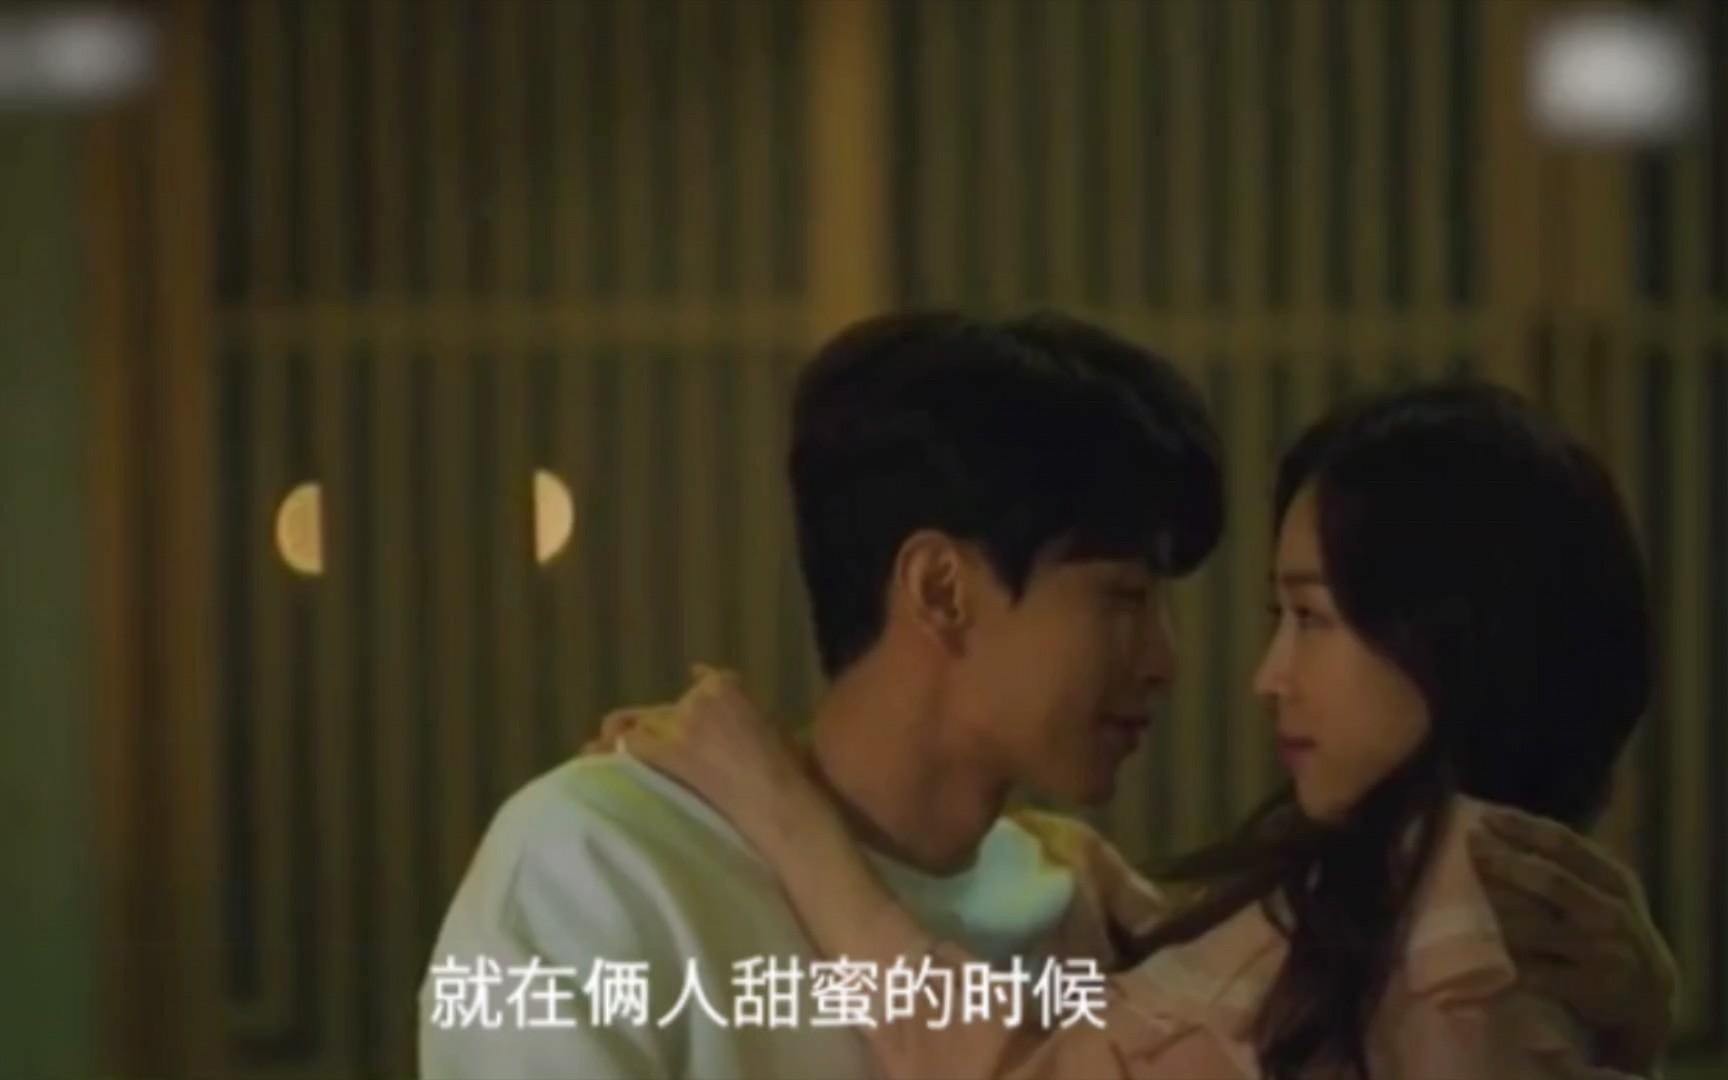 第7集/韩剧《内在美》 霸道总裁爱上百变女王